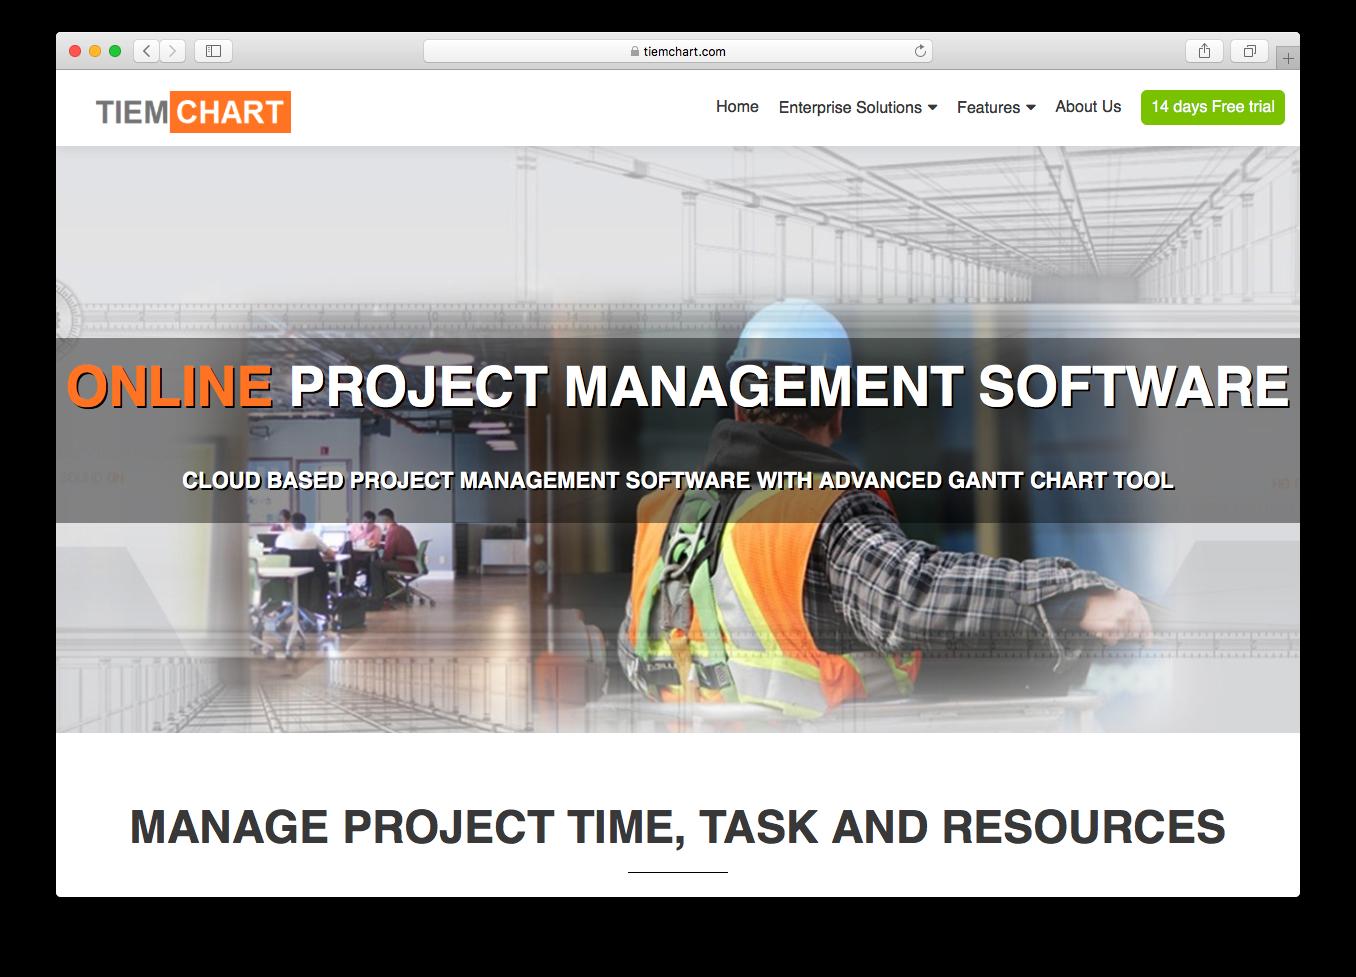 TIEMCHART homepage screenshot